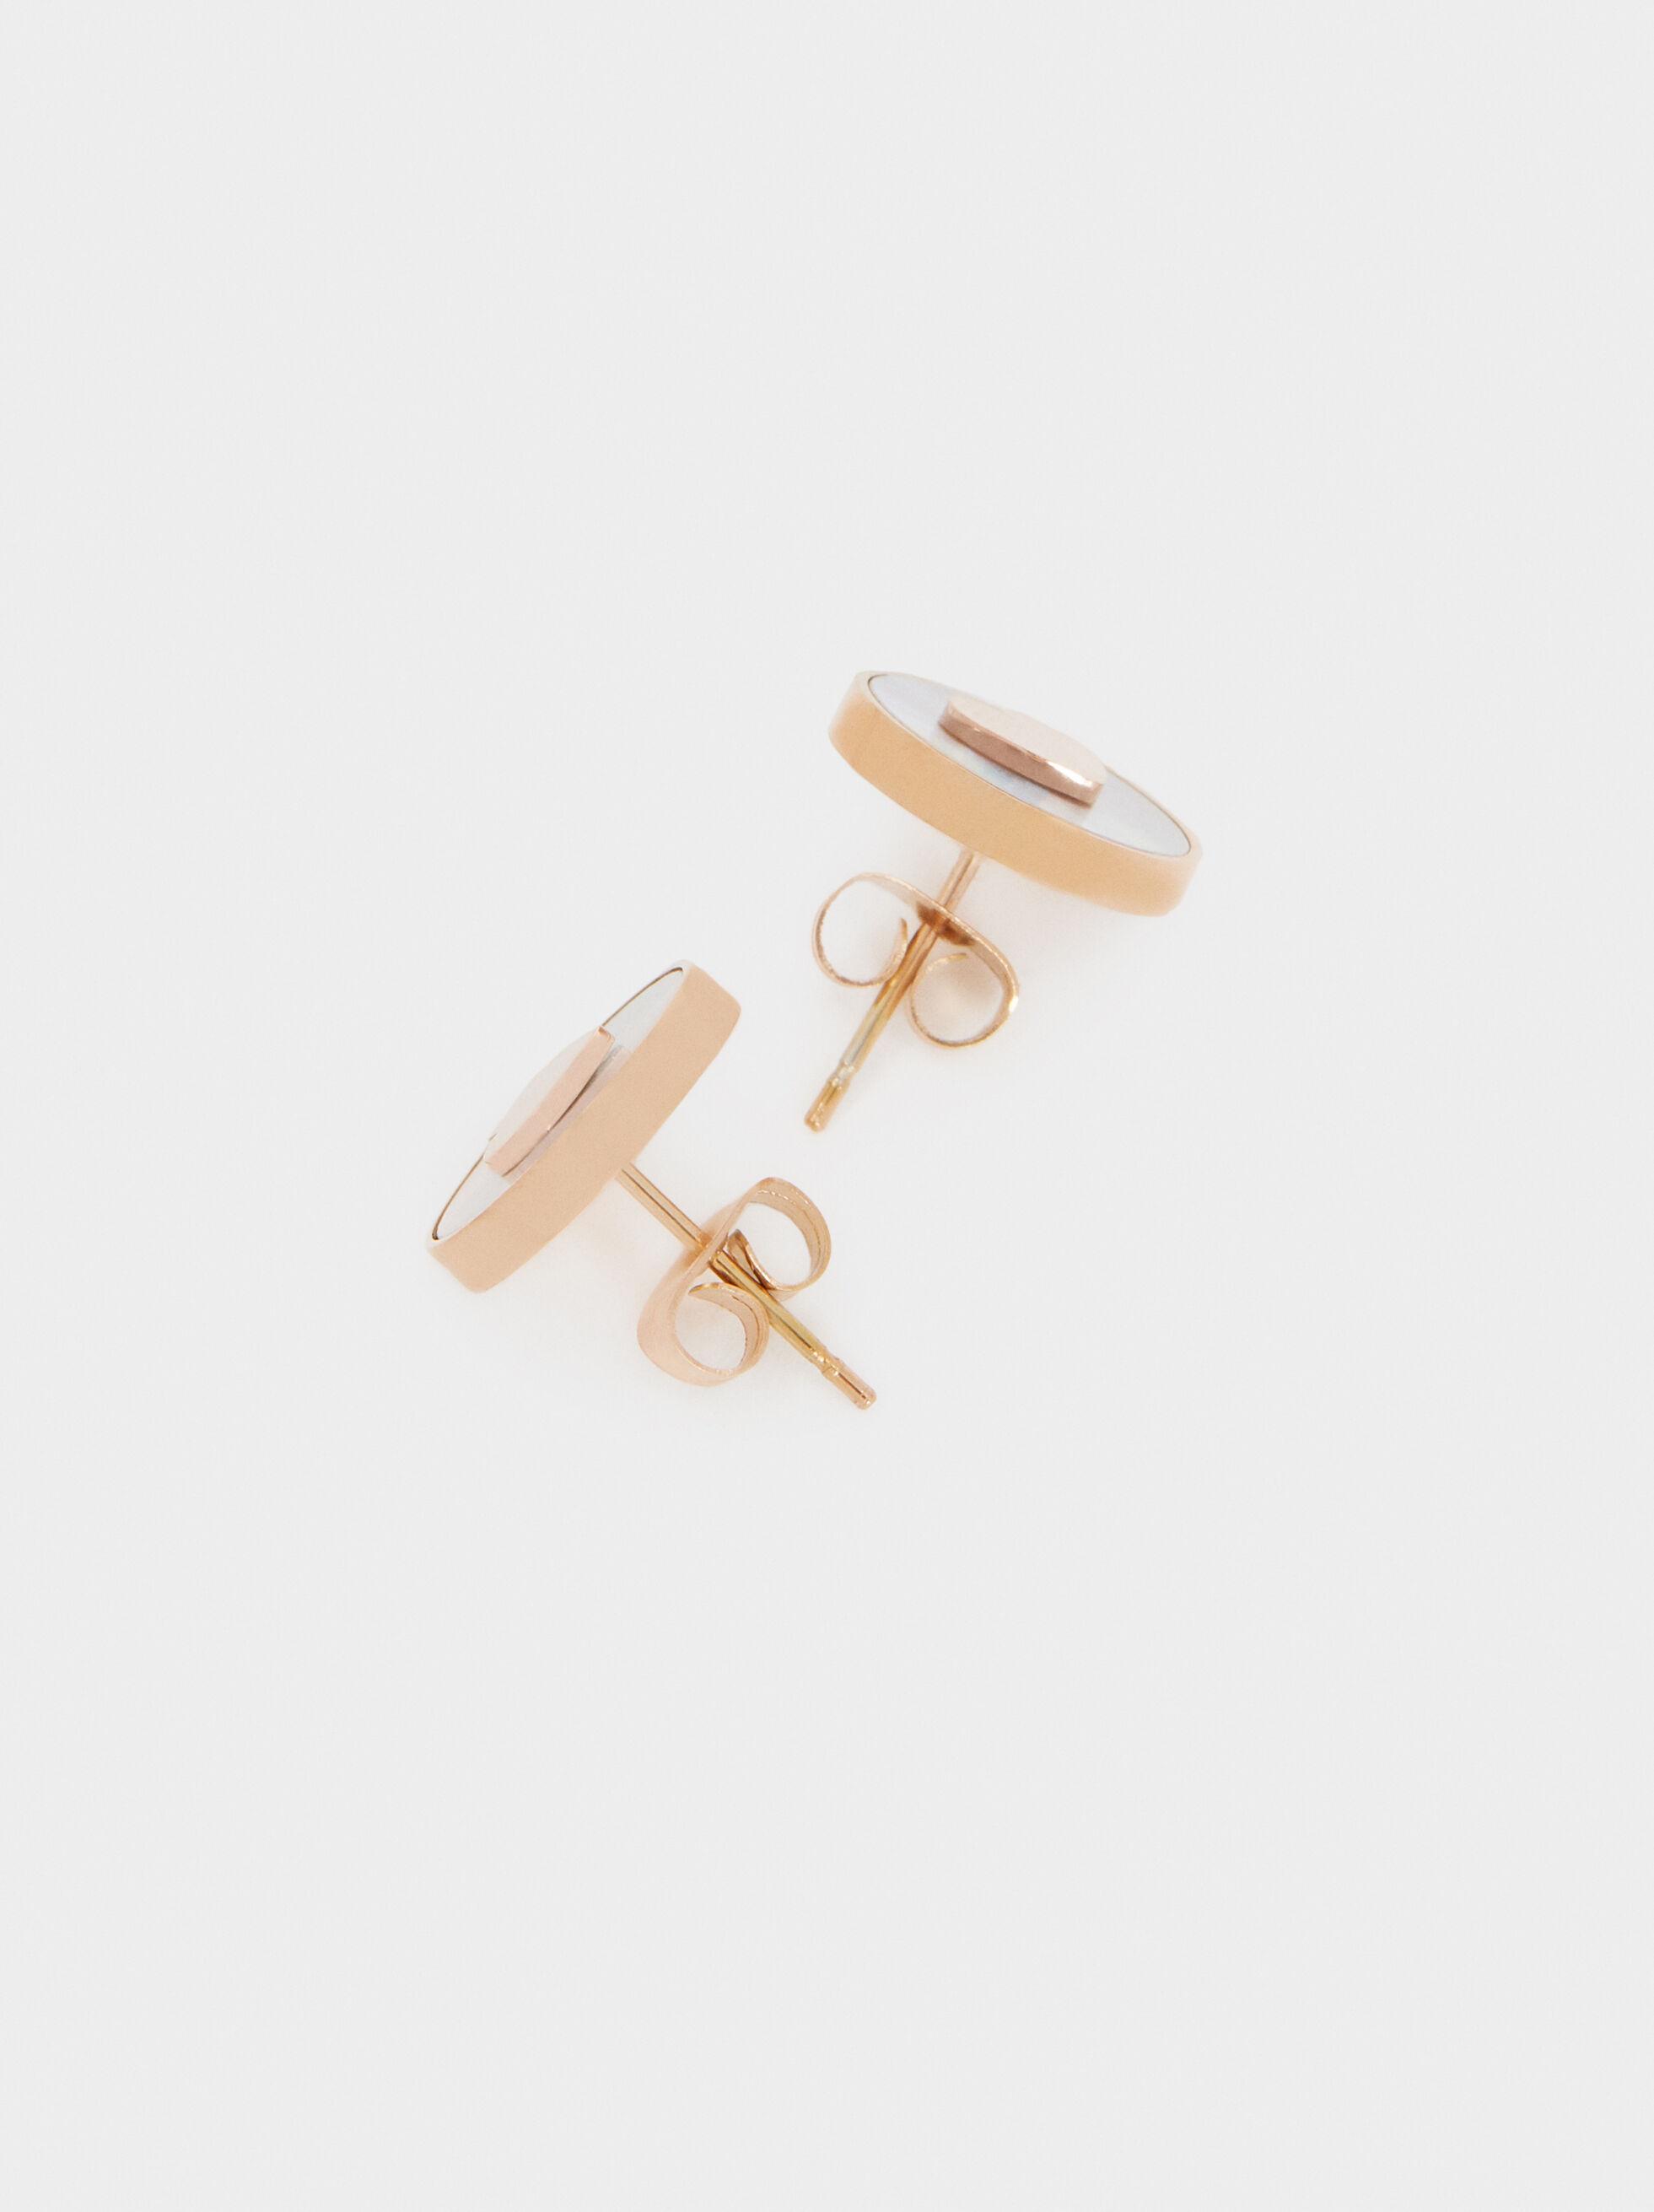 Rose Gold Stainless Steel Short Heart Earrings, Orange, hi-res